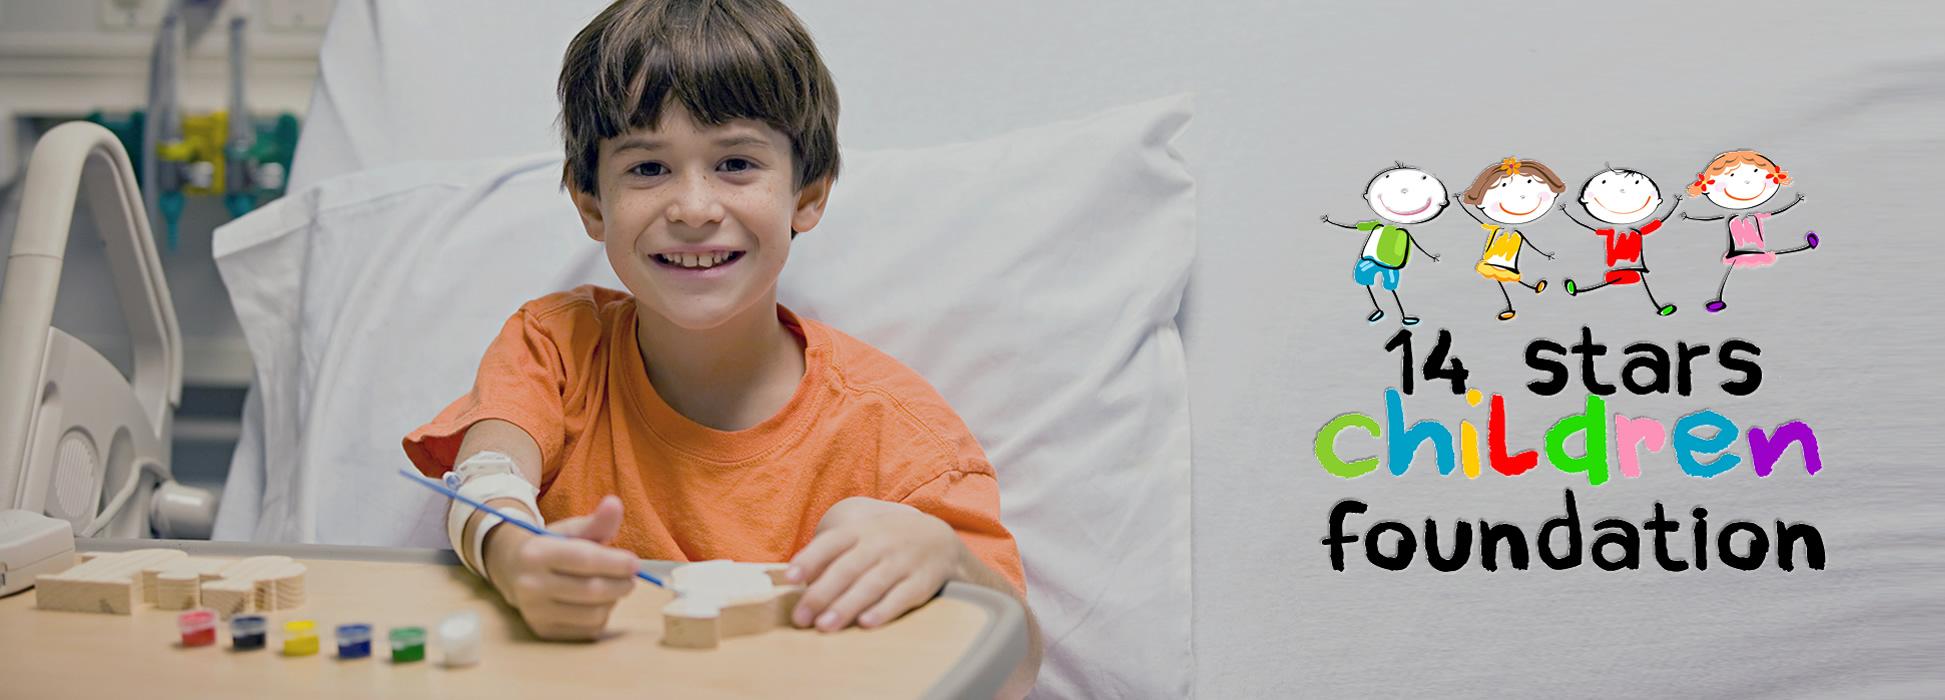 childrens-charity-foundation-sydney-14-stars